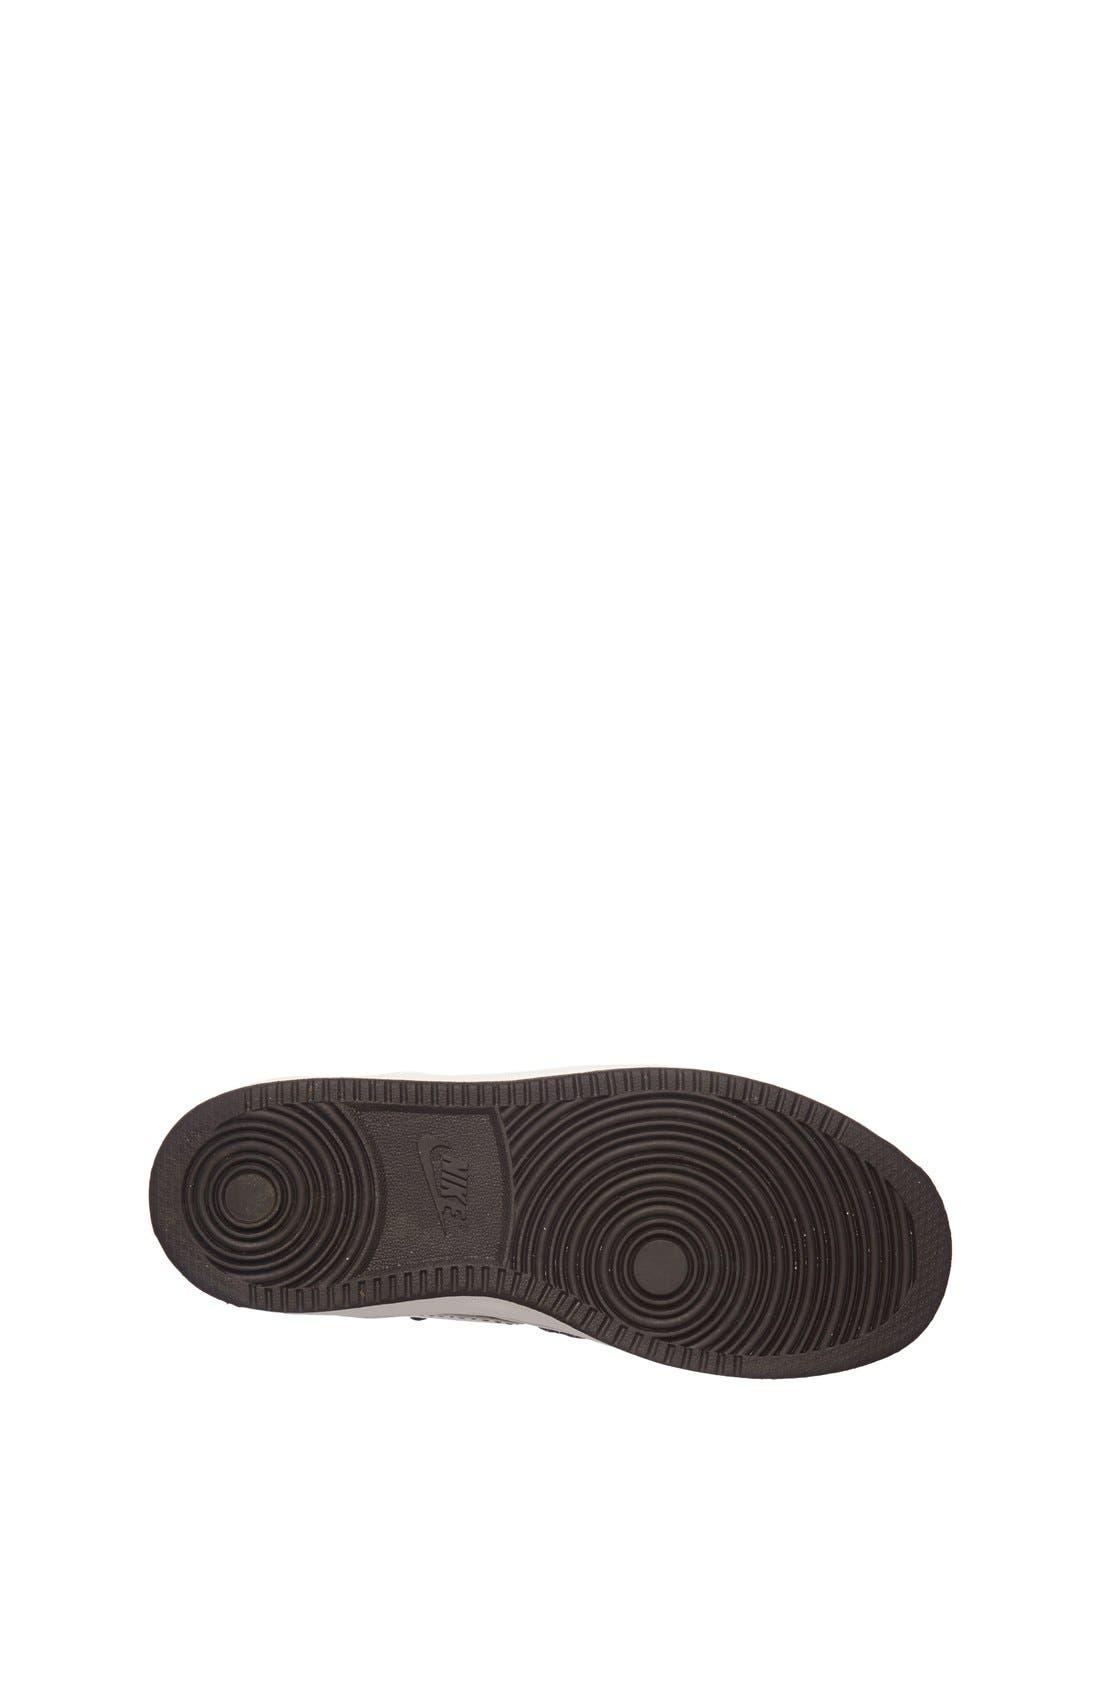 Alternate Image 4  - Nike 'Son of Force' Sneaker (Toddler & Little Kid)